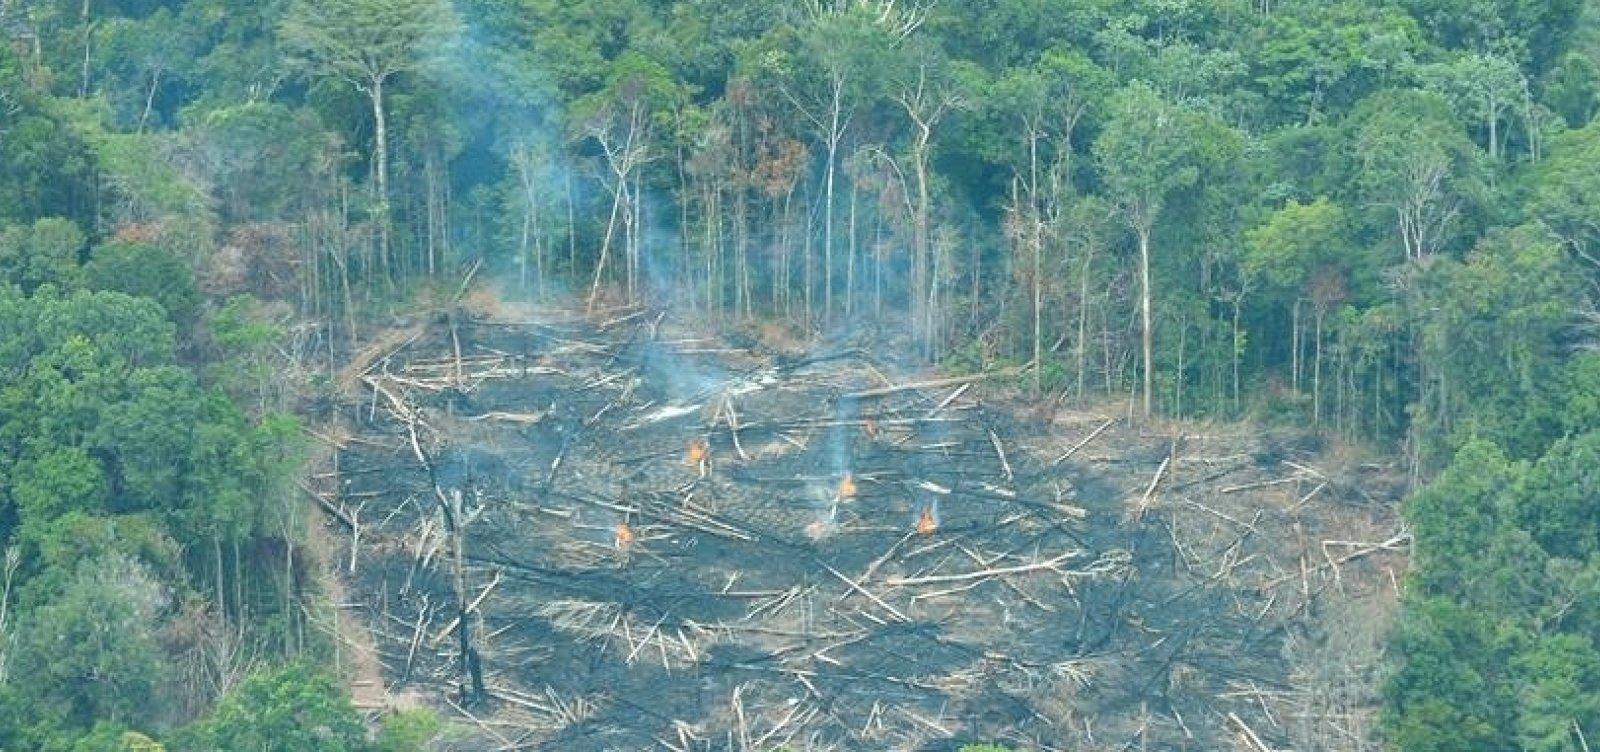 Desmatamento na Amazônia cresceu 14% em dezembro, aponta Inpe